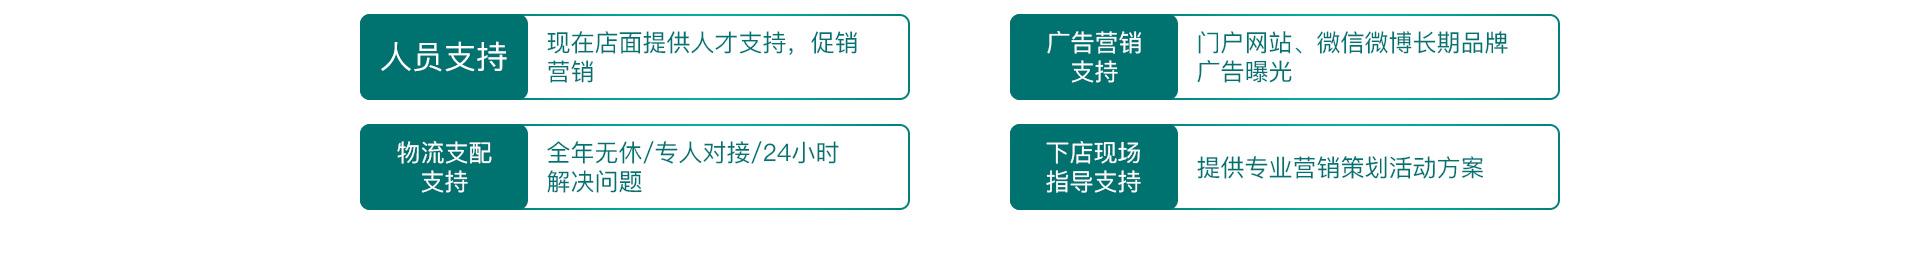 书颜世家详情_30